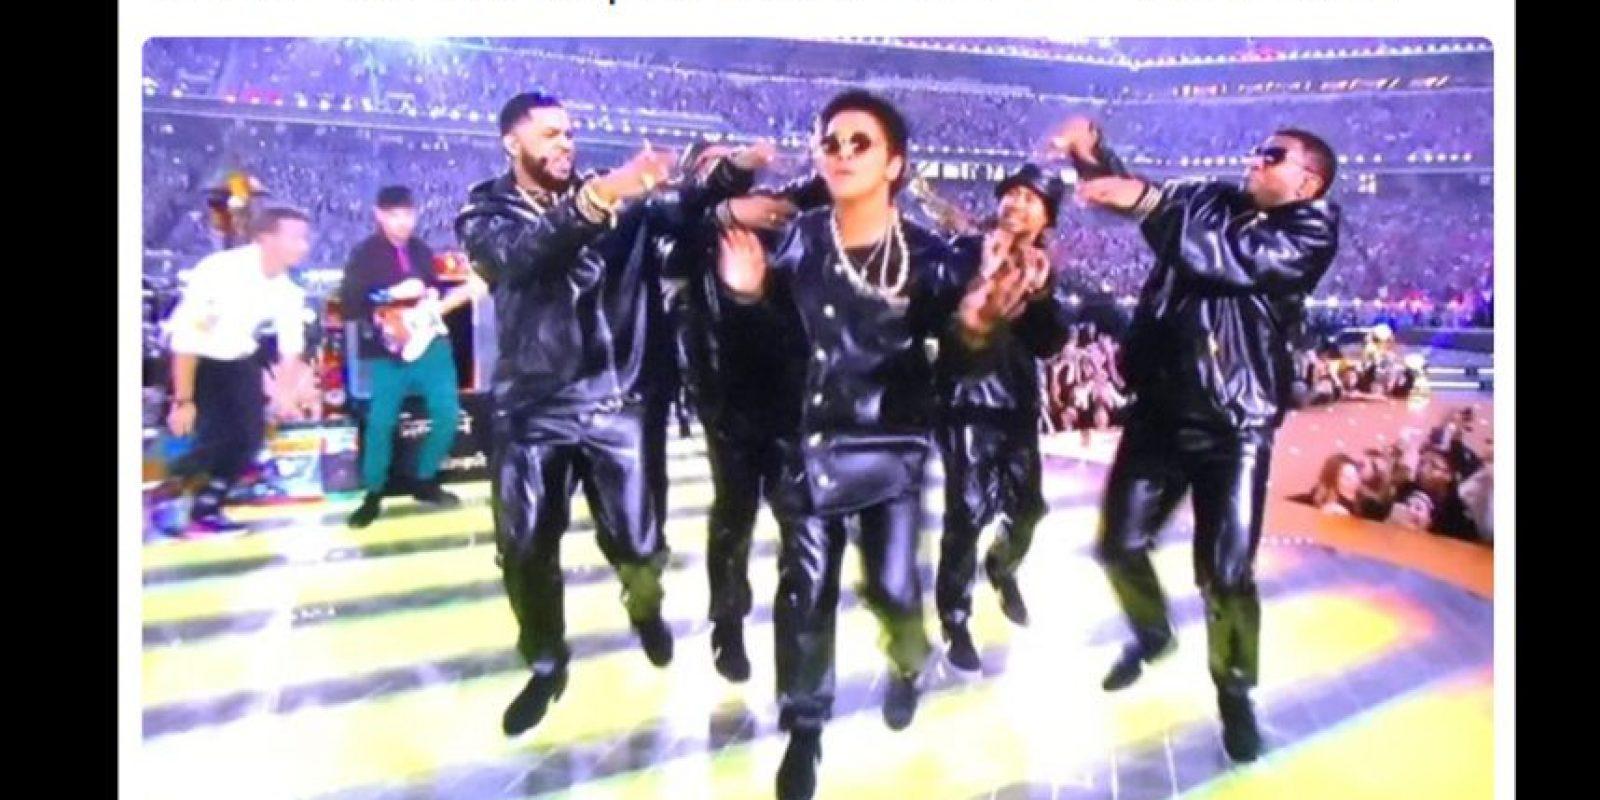 Bruno Mars no se salvó de las burlas. Foto:Vía twitter.com